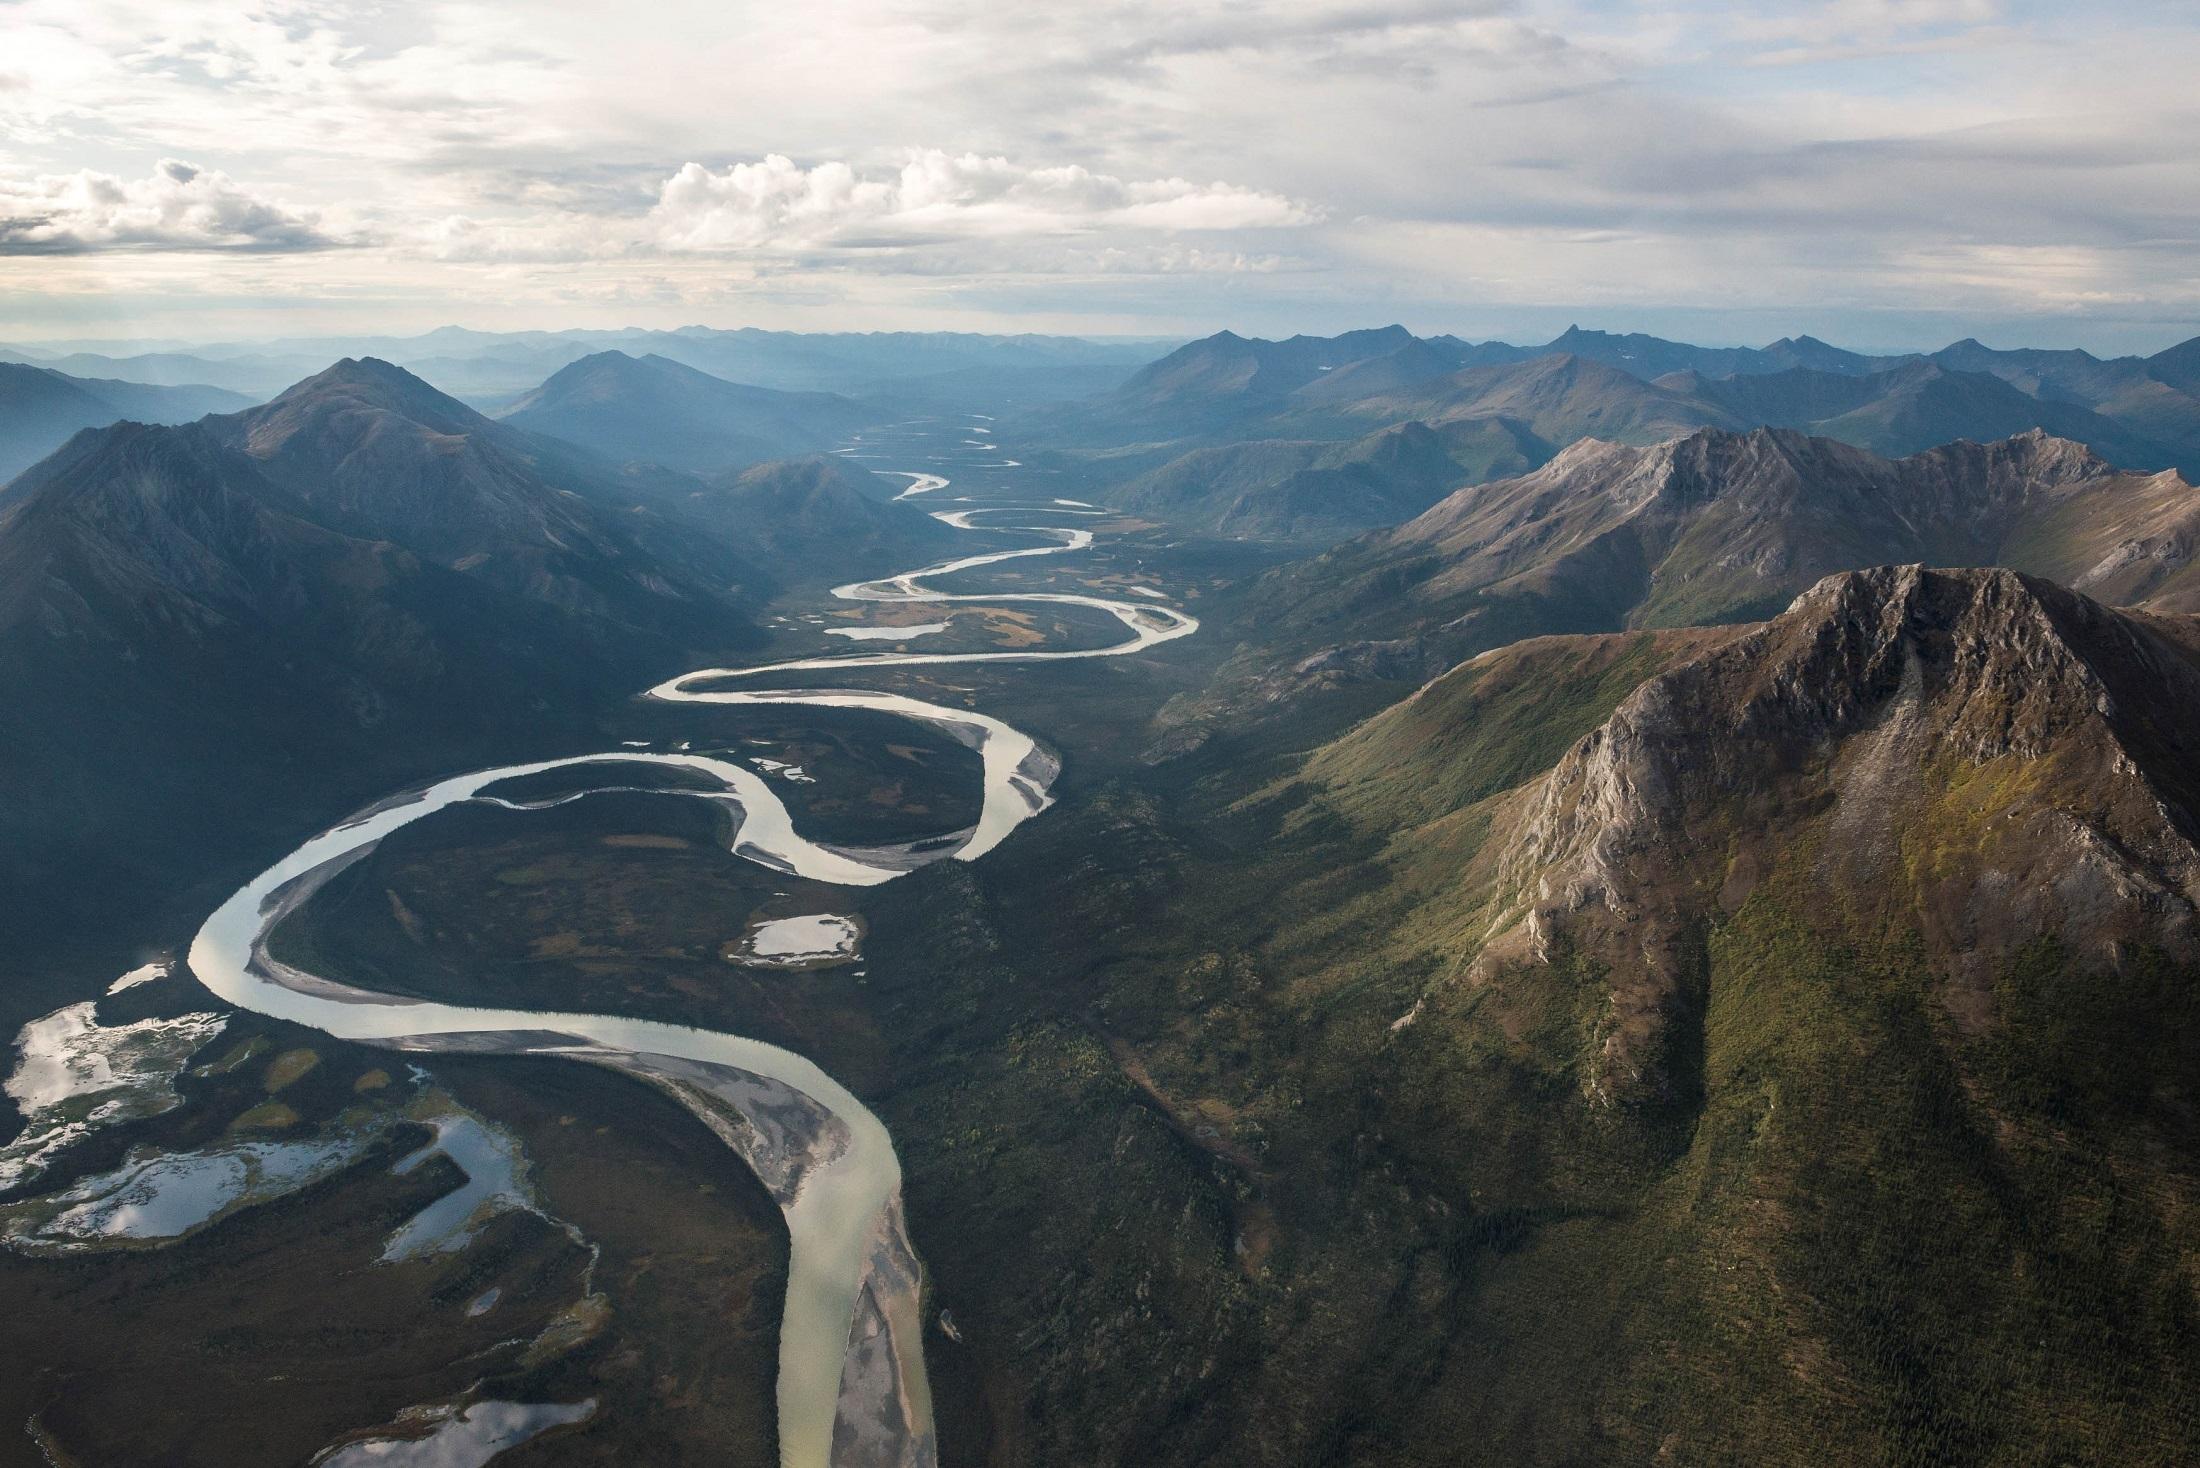 river meander advaita